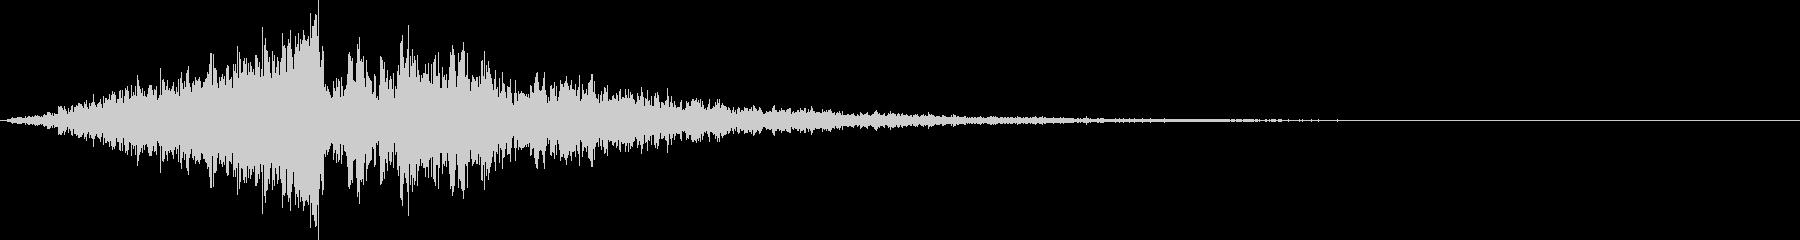 シンセで作成したシンバル(リバース系)の未再生の波形